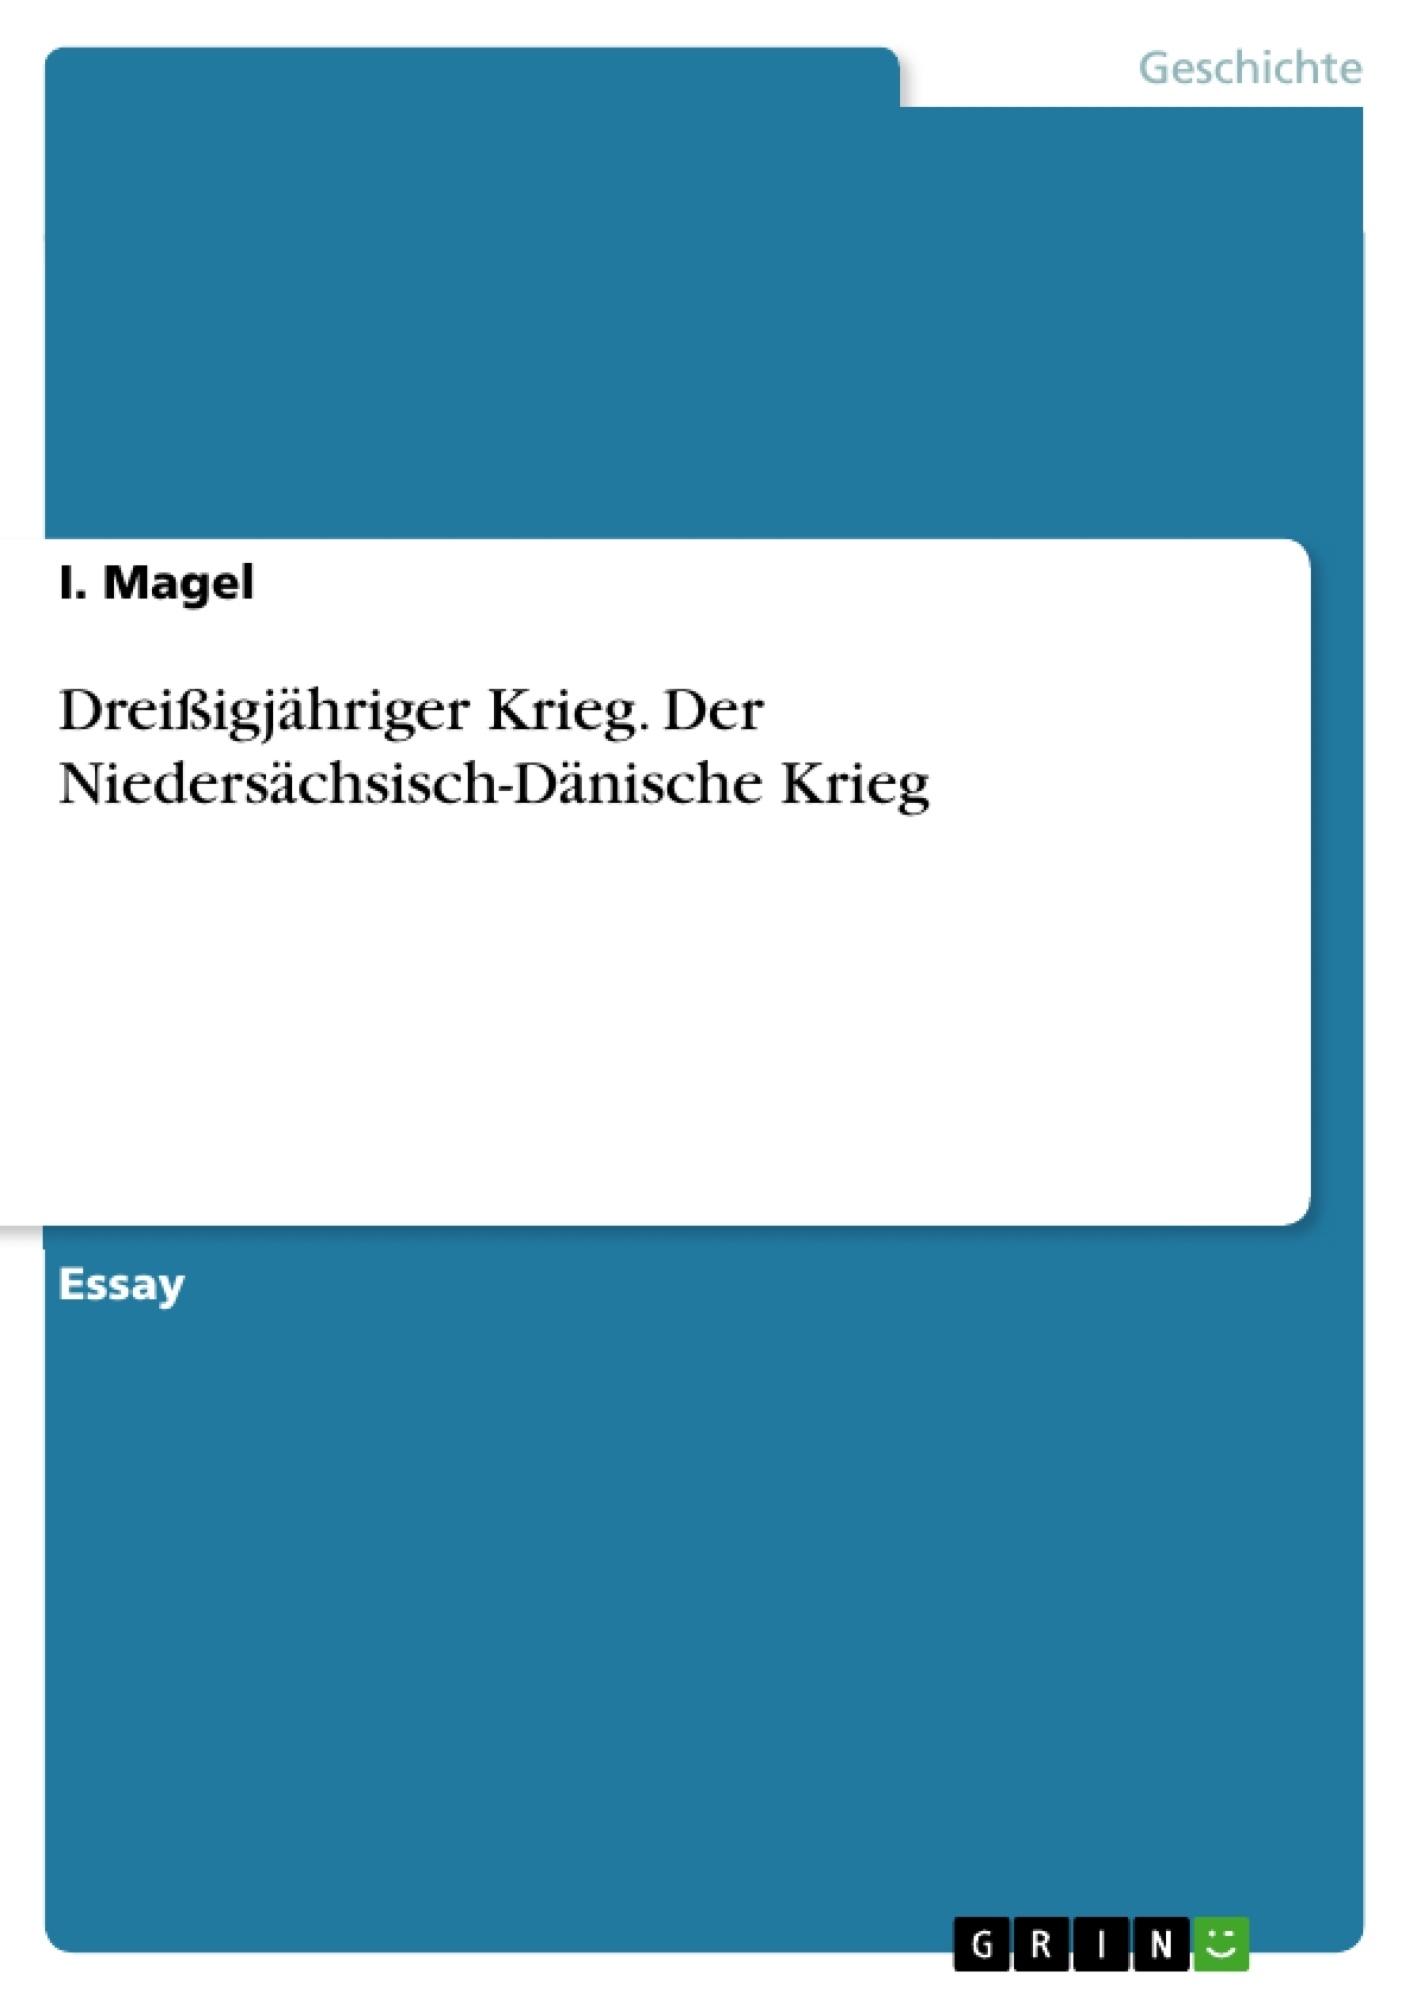 Titel: Dreißigjähriger Krieg. Der Niedersächsisch-Dänische Krieg